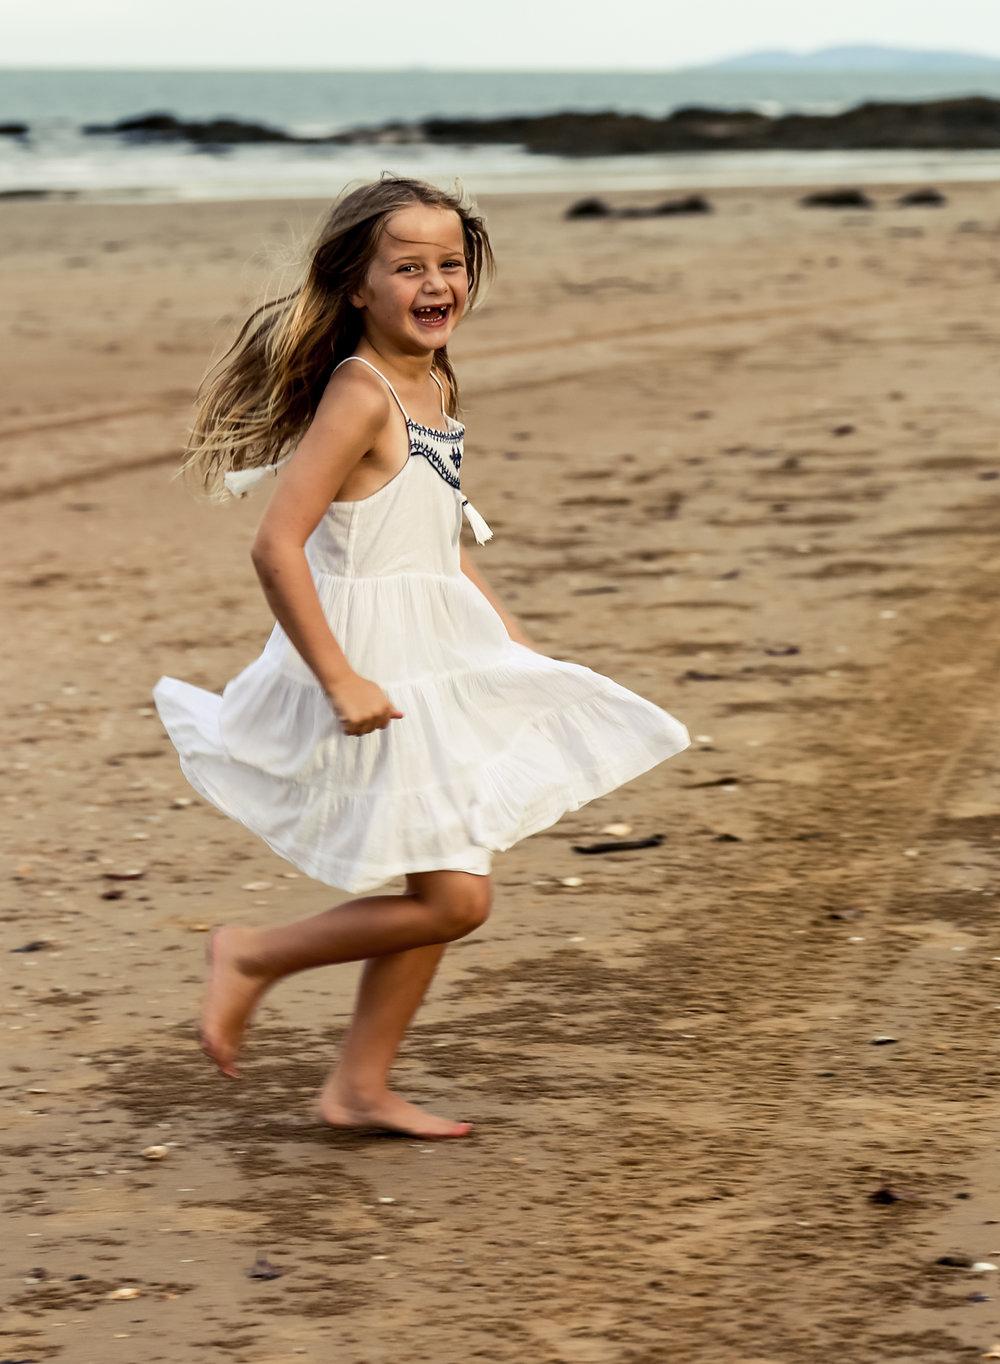 Miss Daisy - a photographer's dream haha xx